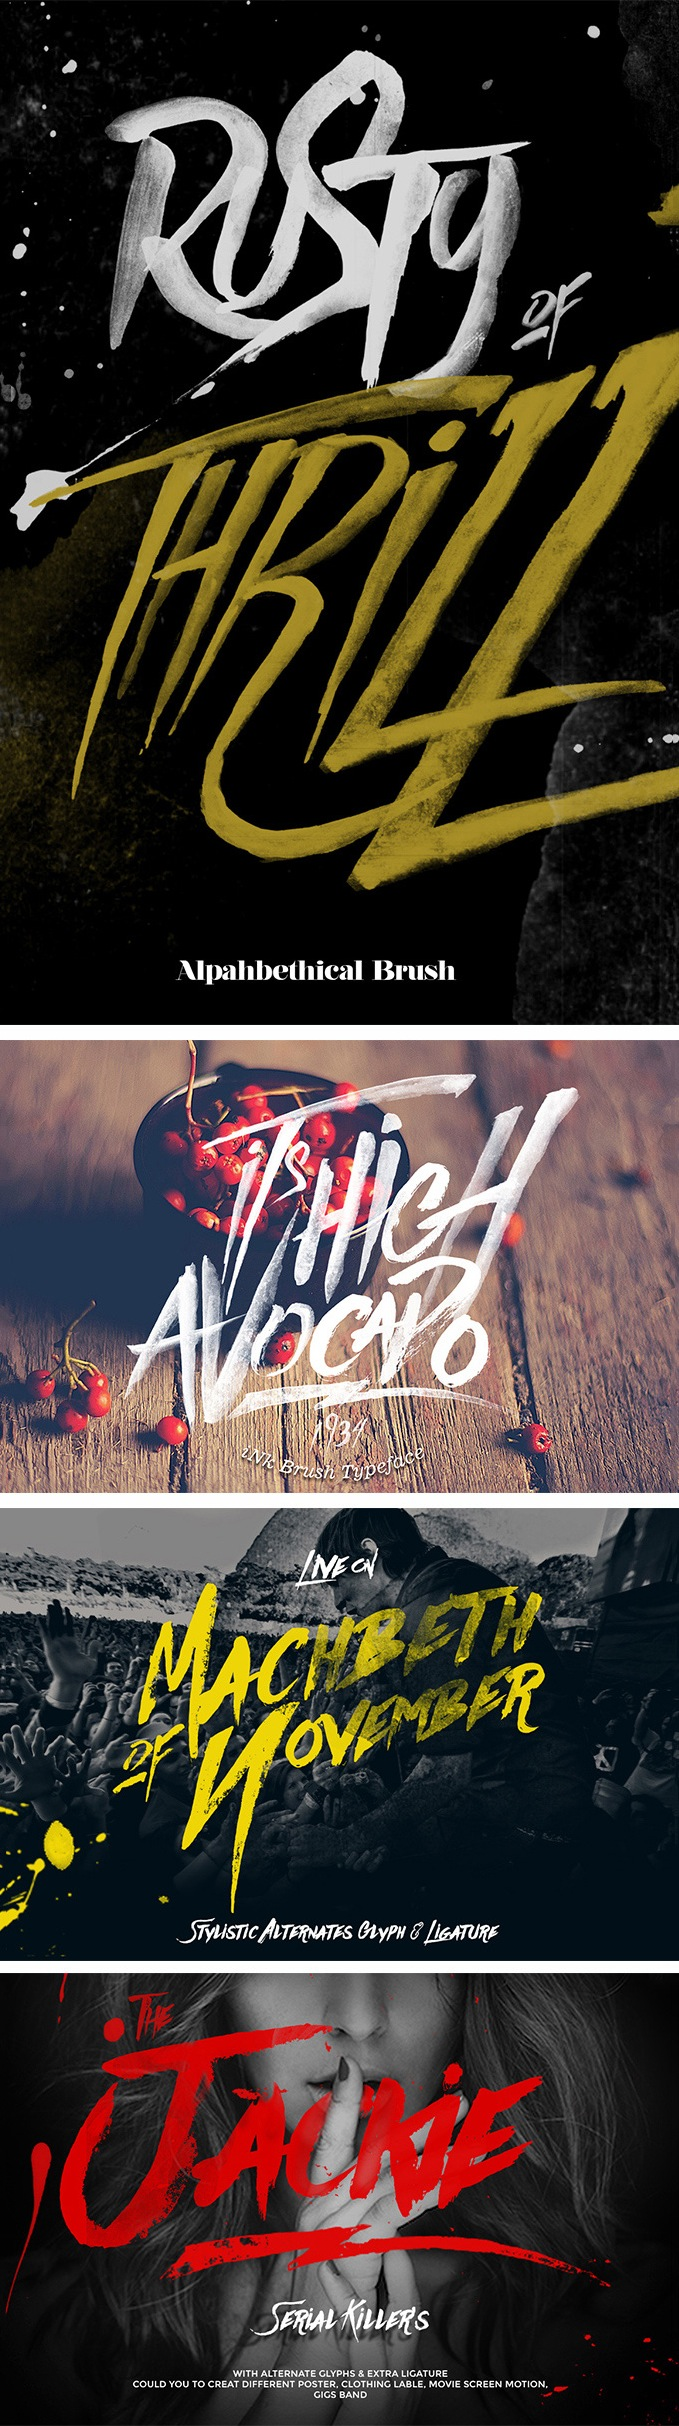 Againts-Typographie-Blographisme